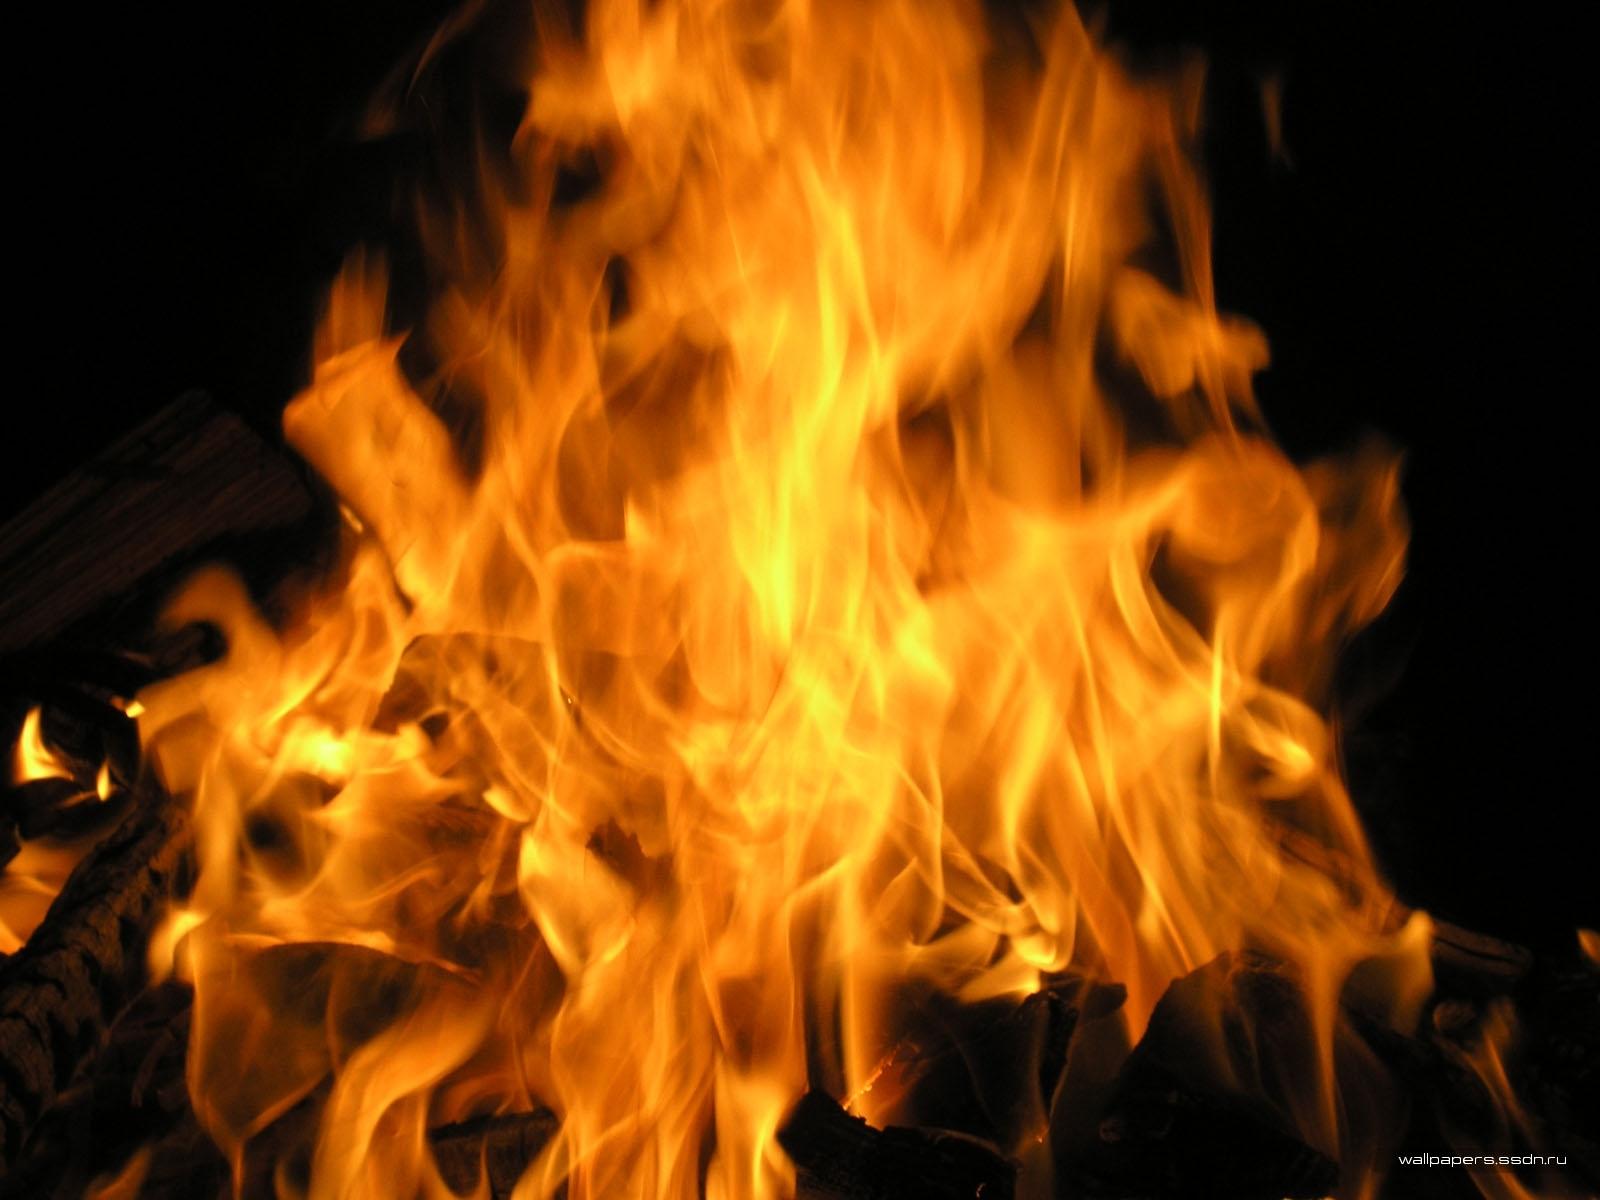 94 Hintergrundbild herunterladen Landschaft, Feuer, Bonfire, Fotokunst - Bildschirmschoner und Bilder kostenlos